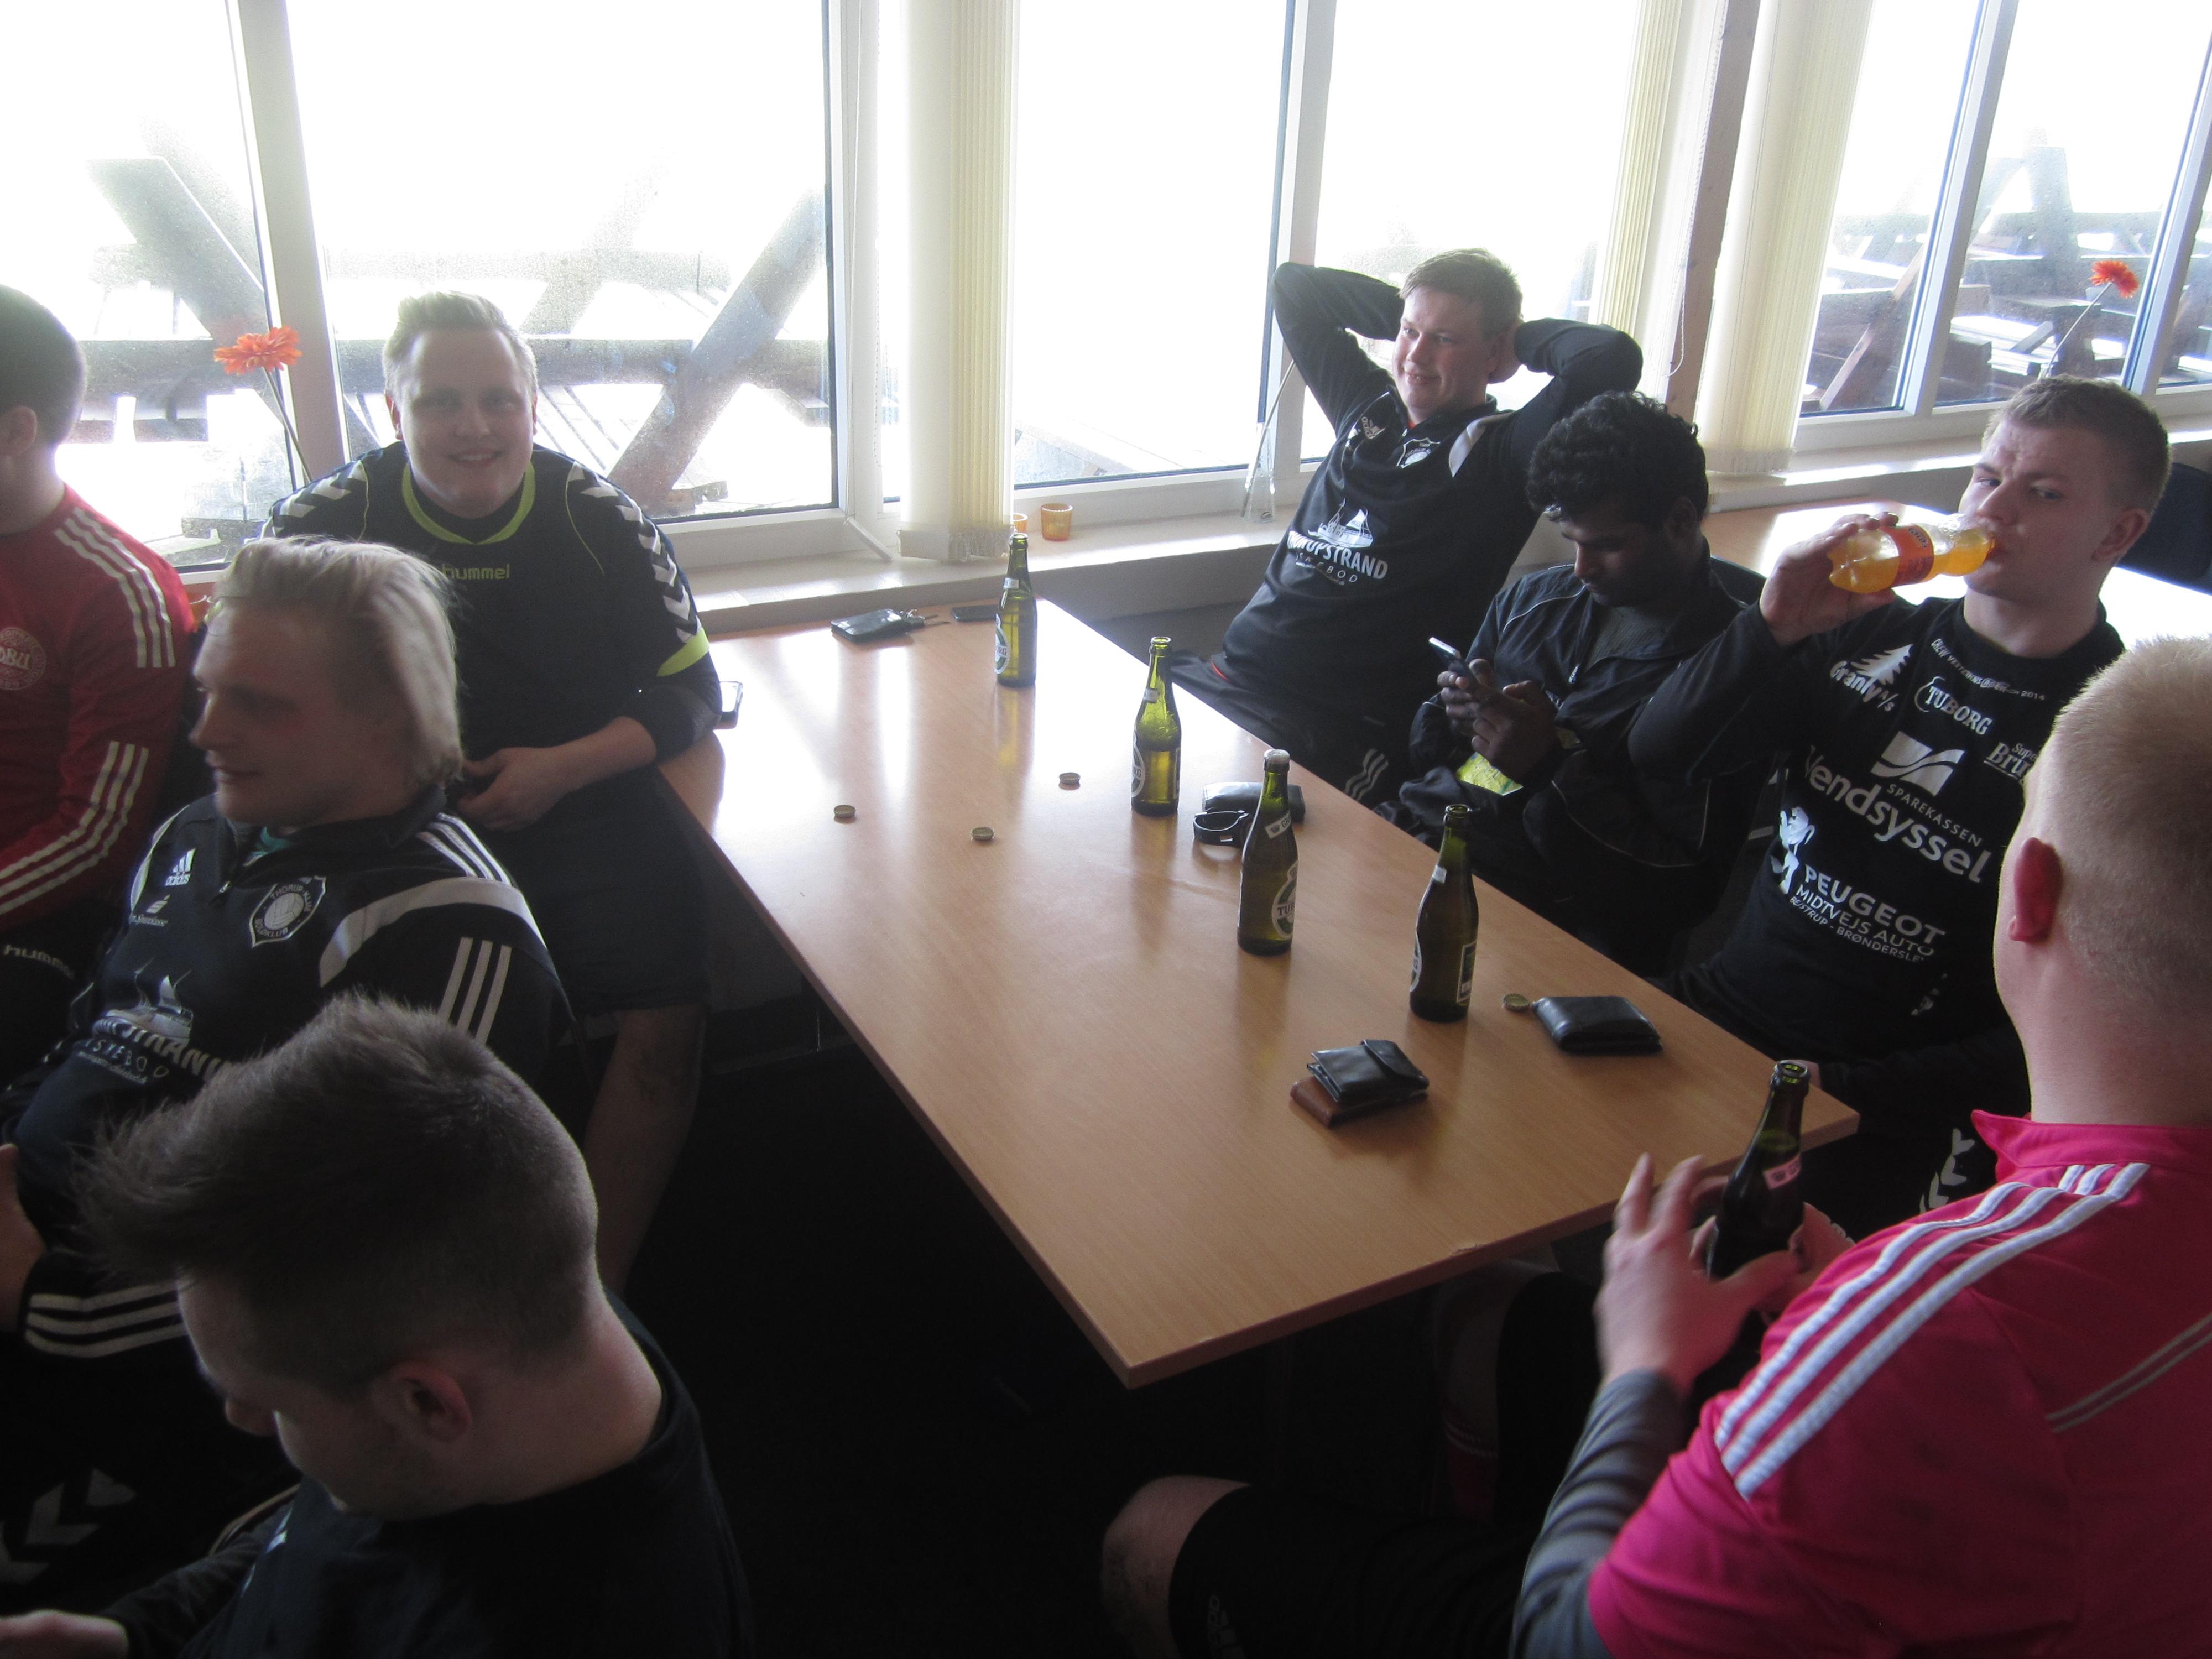 Thorup klim Boldklub